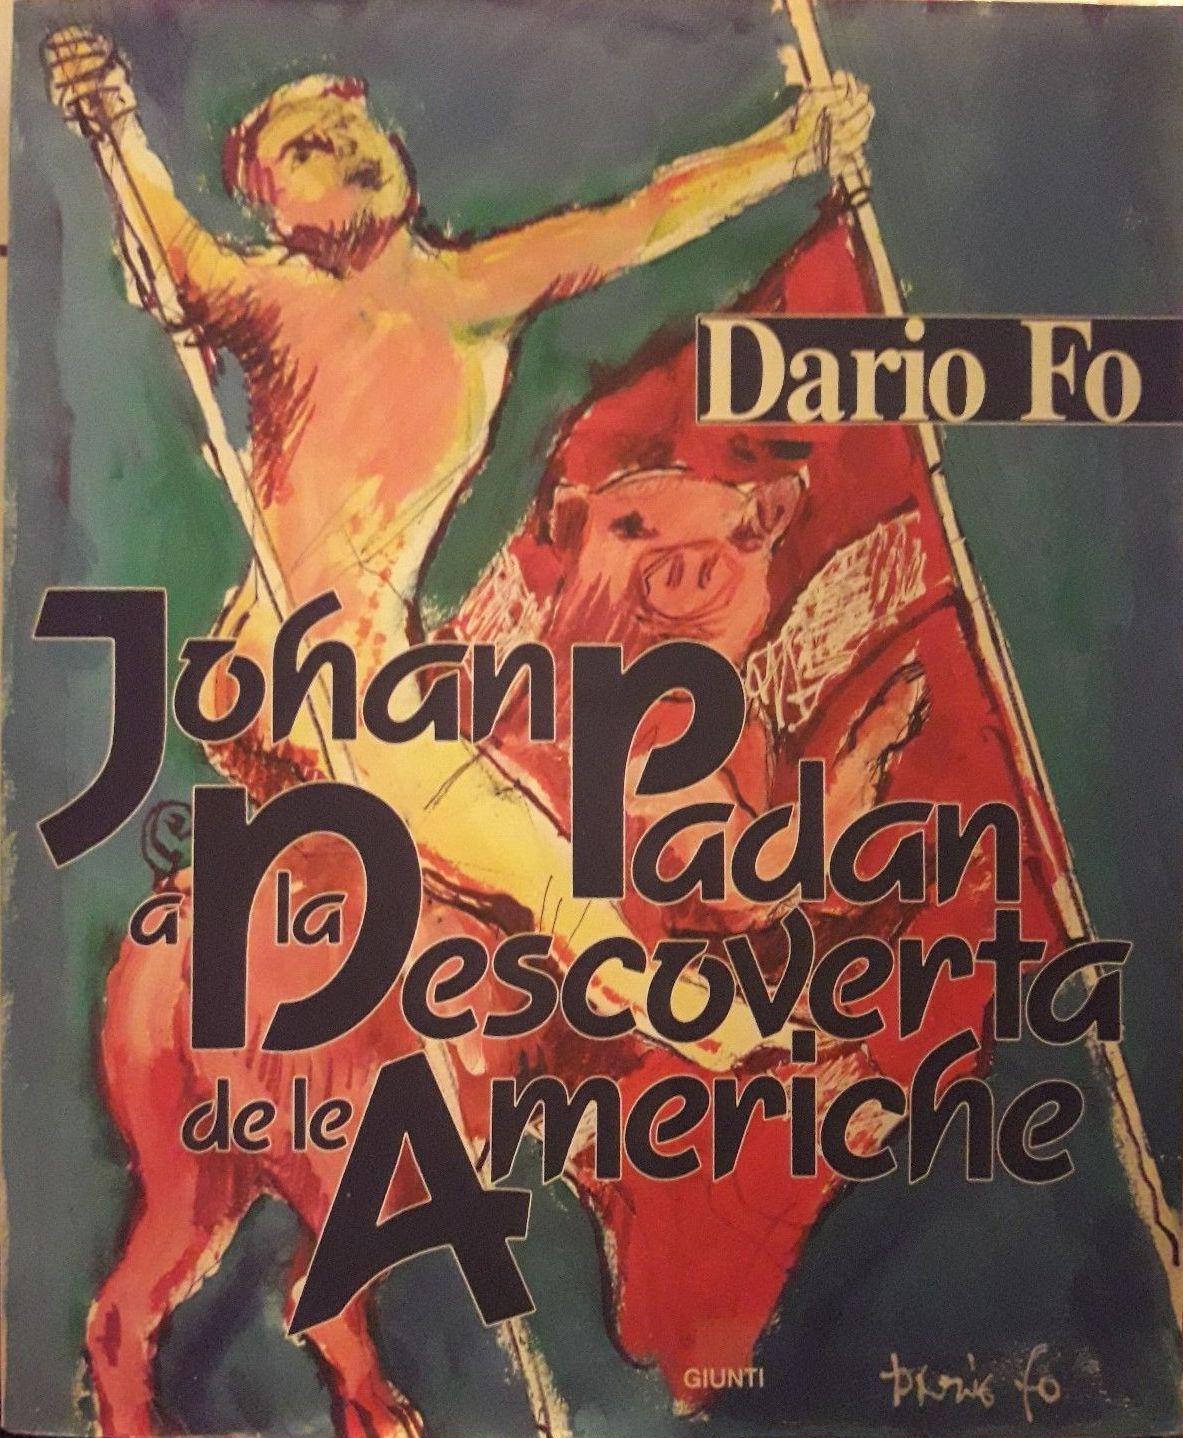 """""""Johan Padan a la Descoverta de le Americhe"""" di Dario Fo al mercatino"""